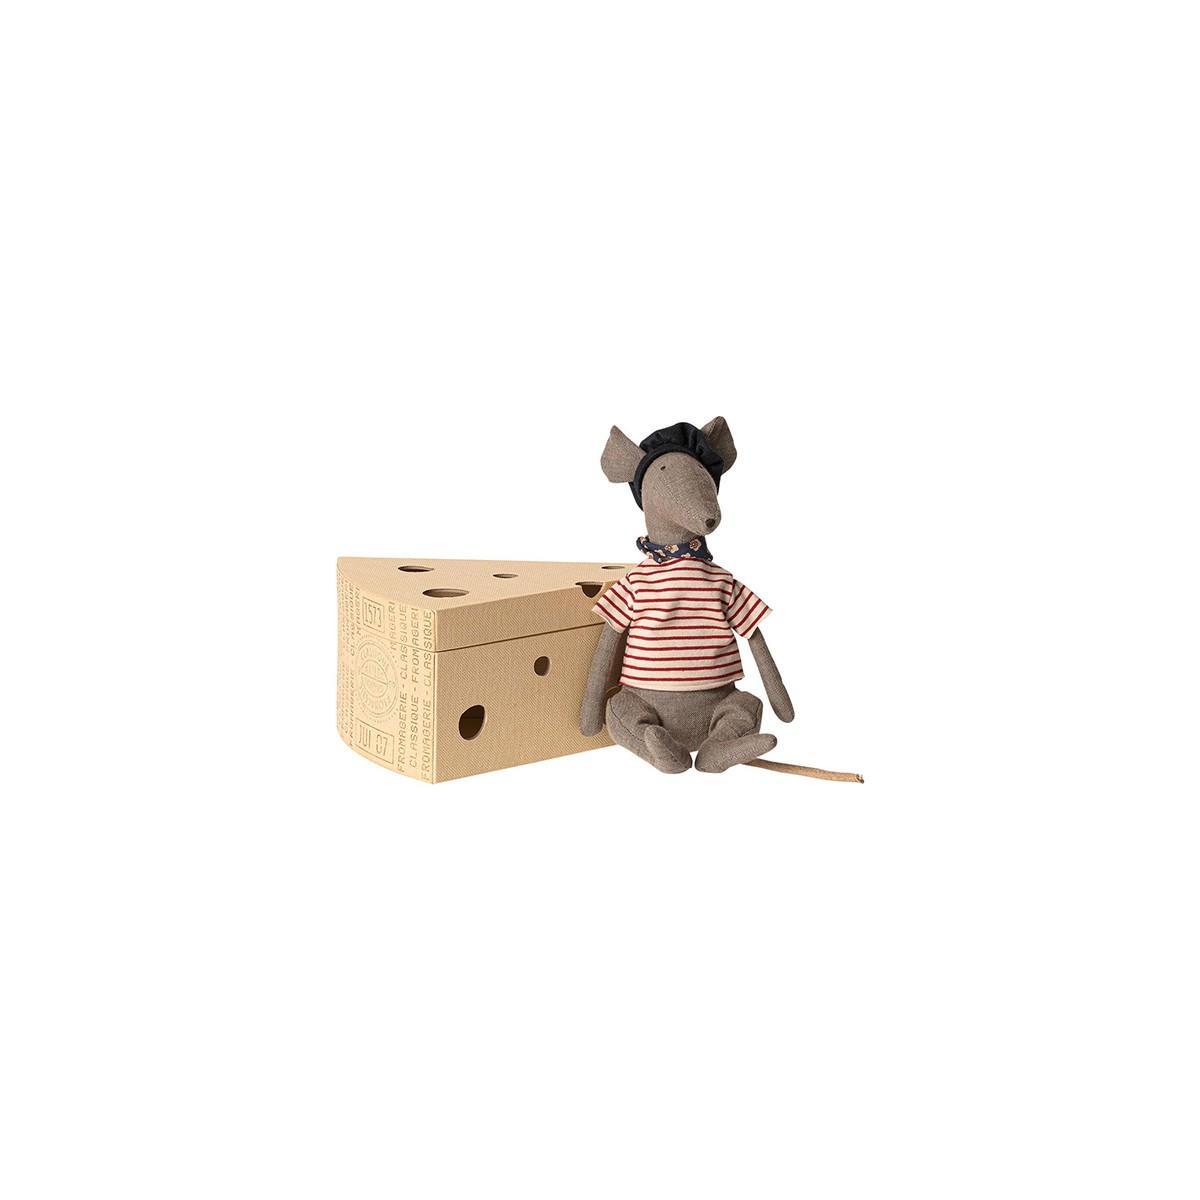 Rata en caja de queso de la marca Maileg